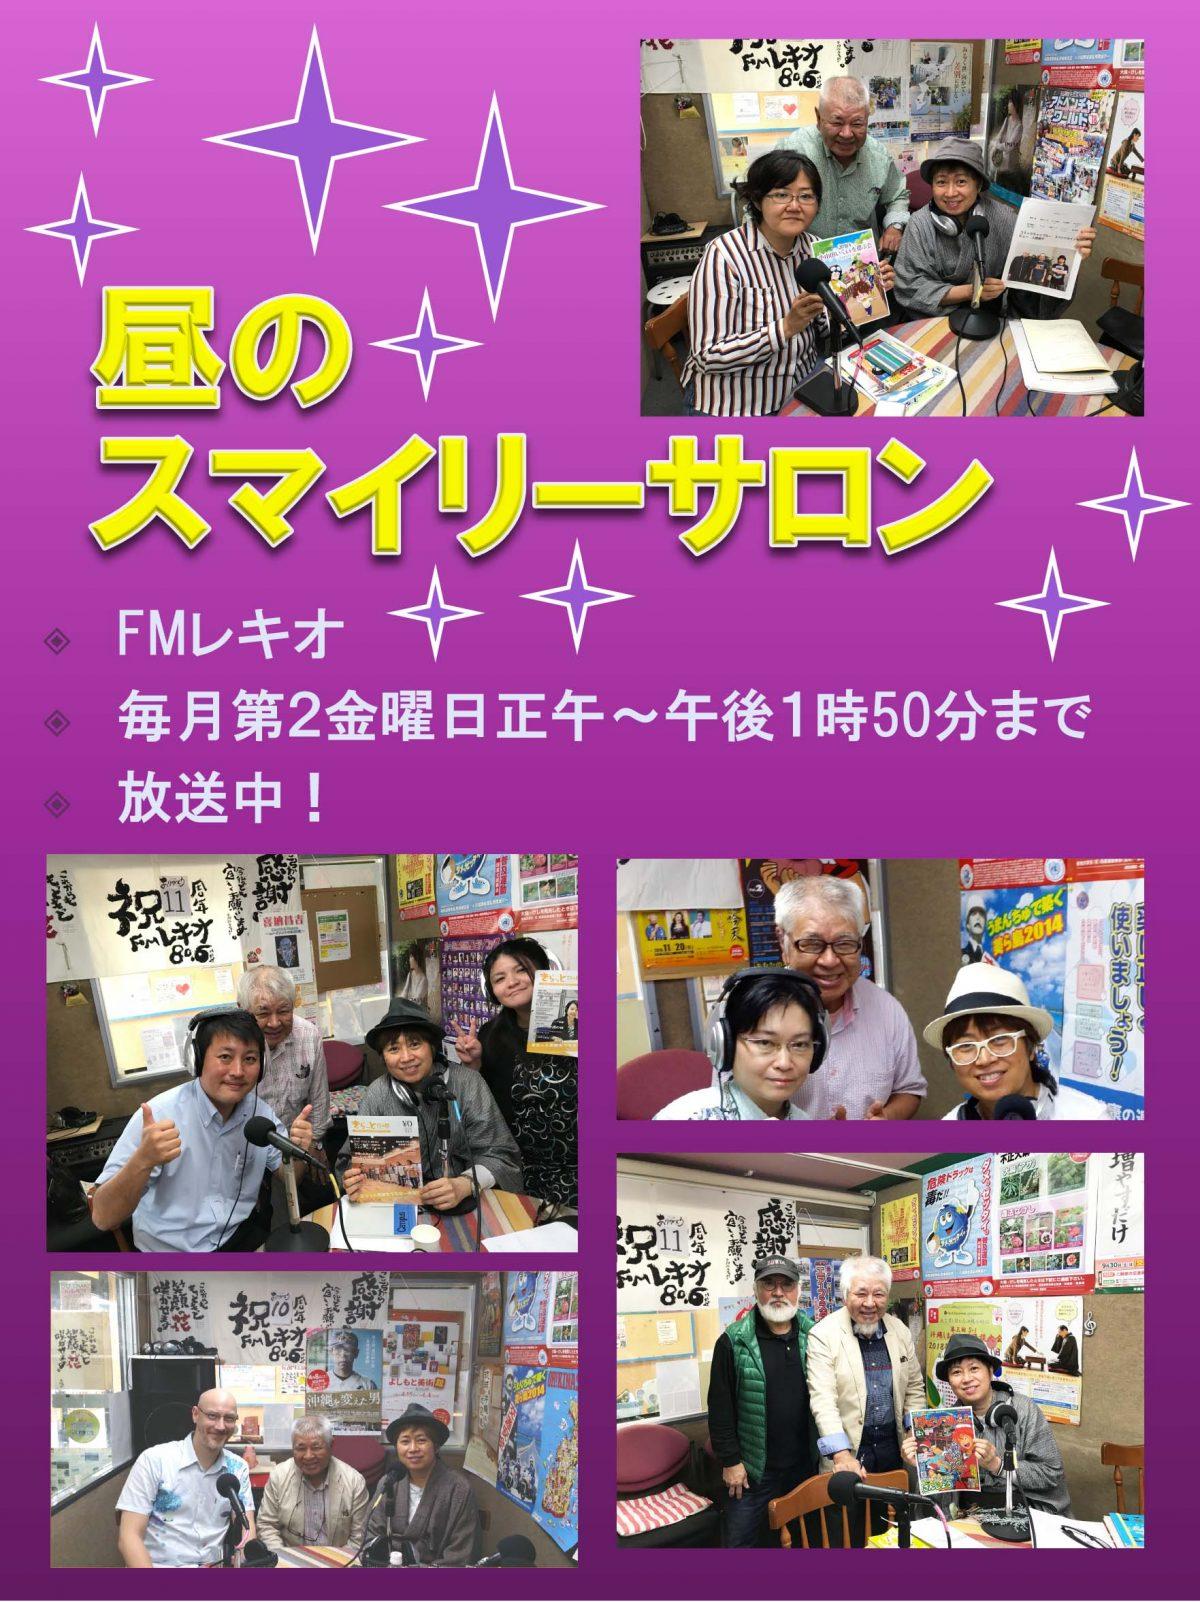 「昼のスマイリーサロン」ラジオに出たい方募集! 6月は8日(金)放送!